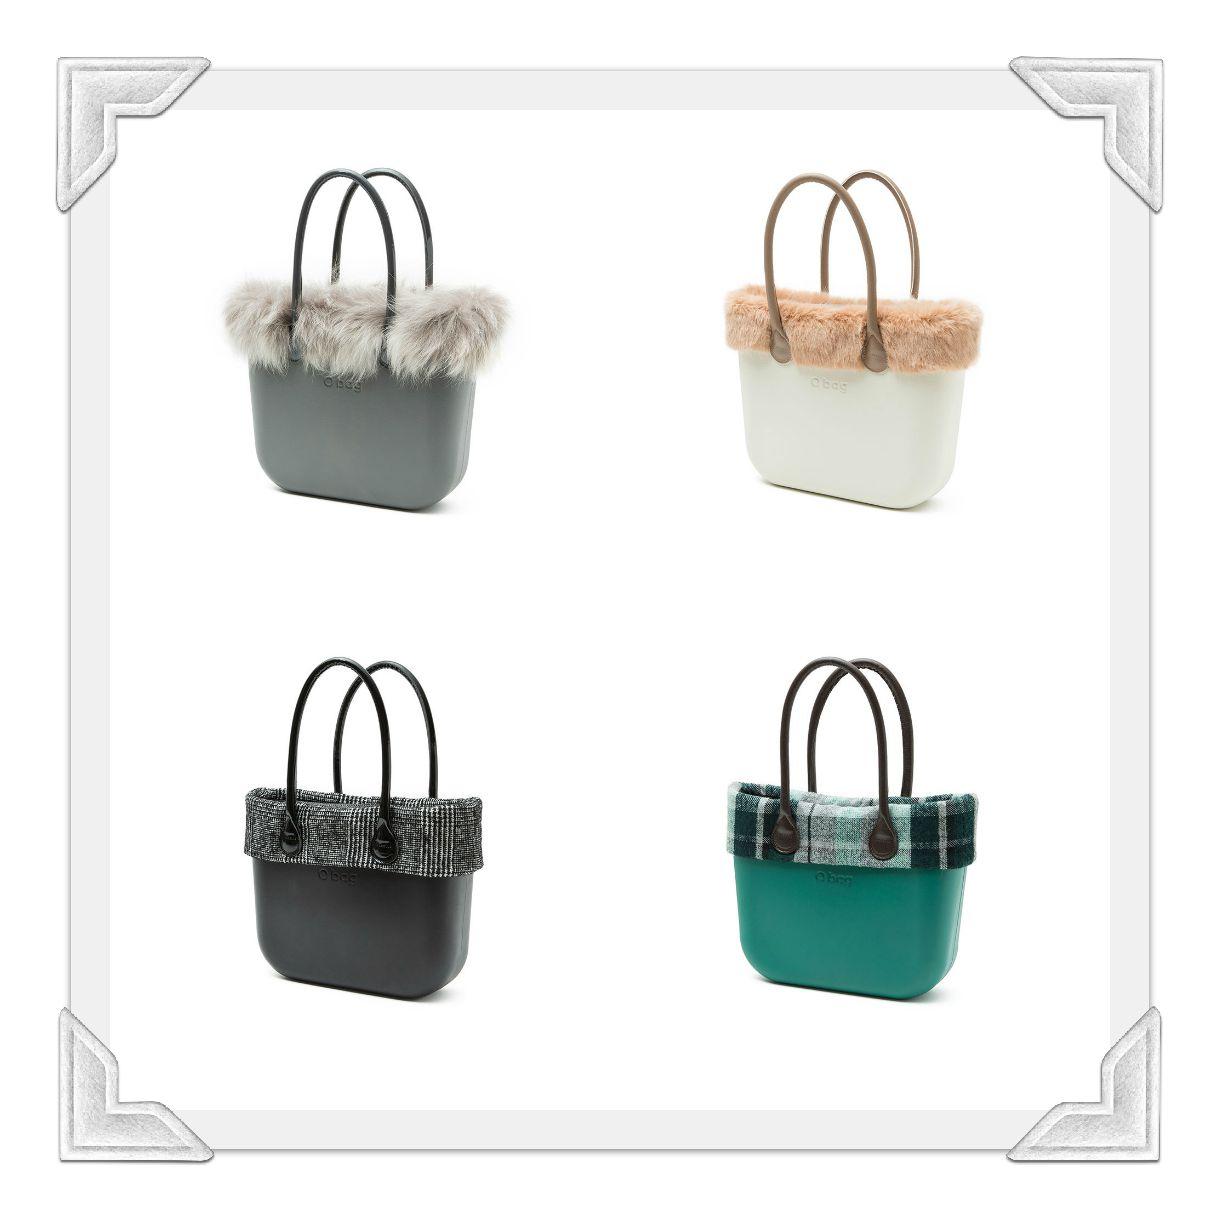 Nuove Borse O Bag for Marella inverno 2015 2016 - Lei Trendy 7f98bf81036